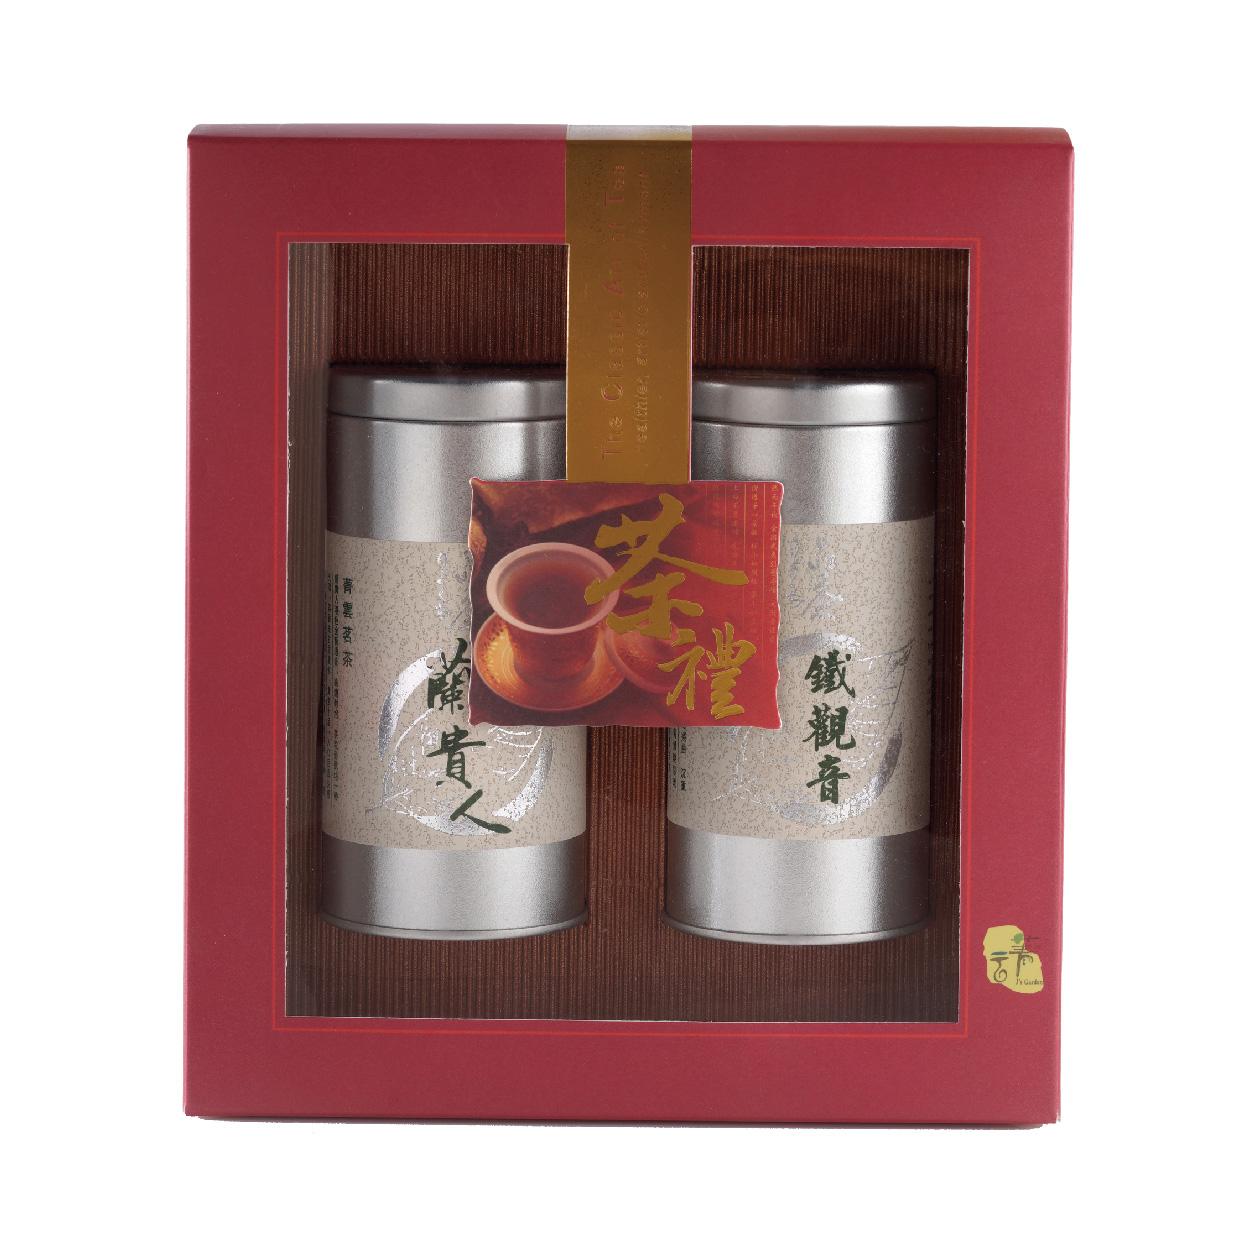 雲茶禮盒 (紅)  (蘭貴人80g, 鐵觀音80g)